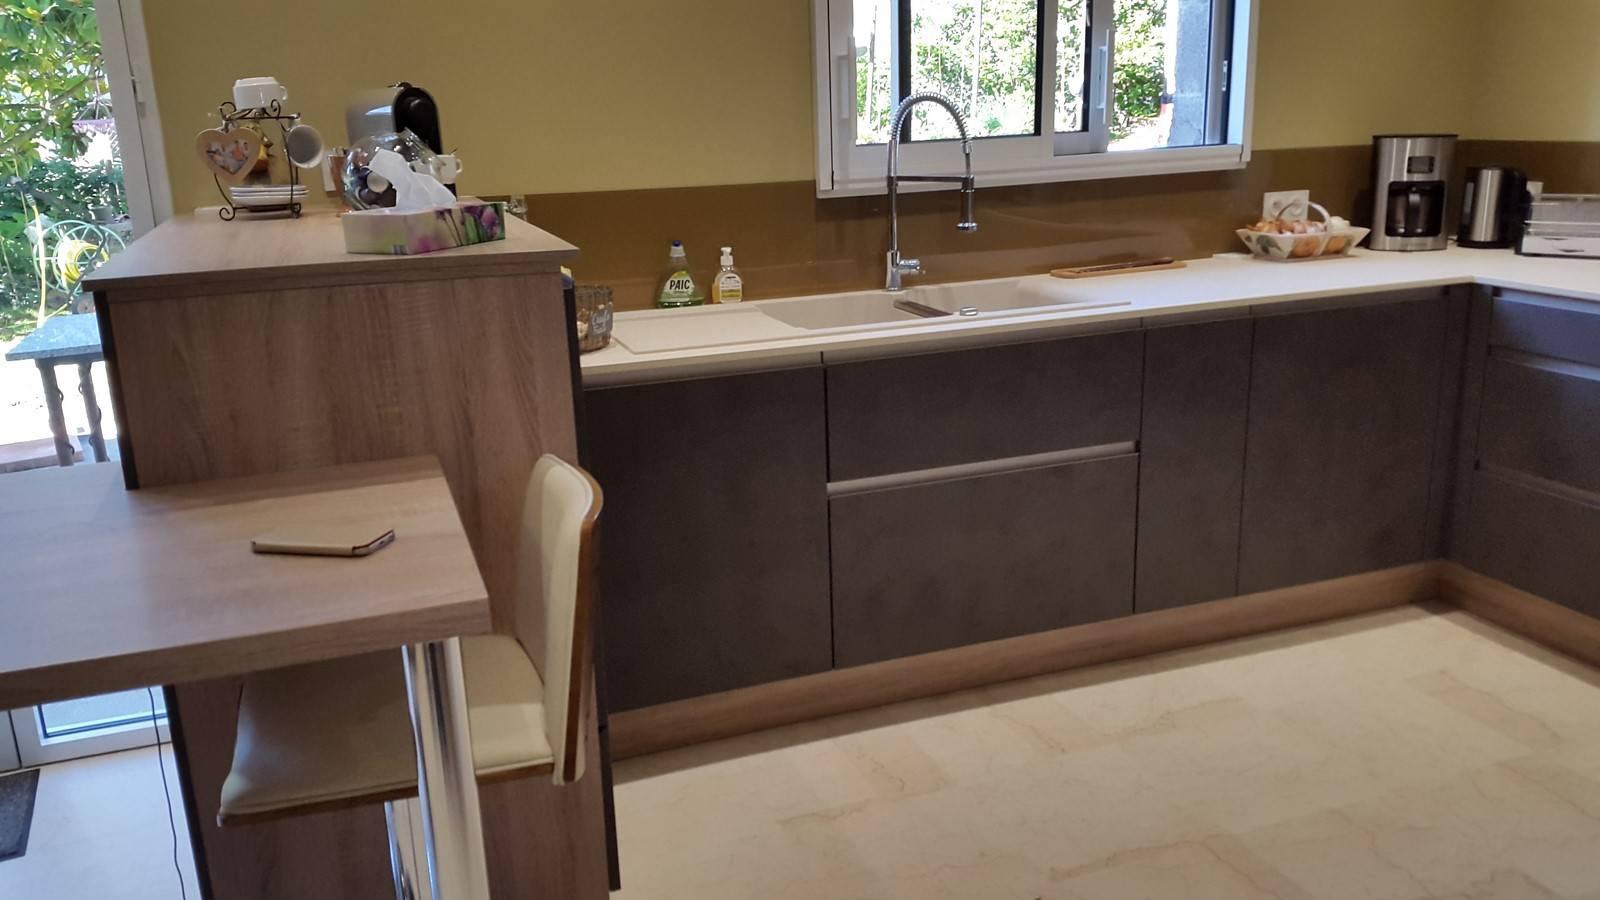 cuisine sur mesure nolte lyon lyon adc cuisine. Black Bedroom Furniture Sets. Home Design Ideas